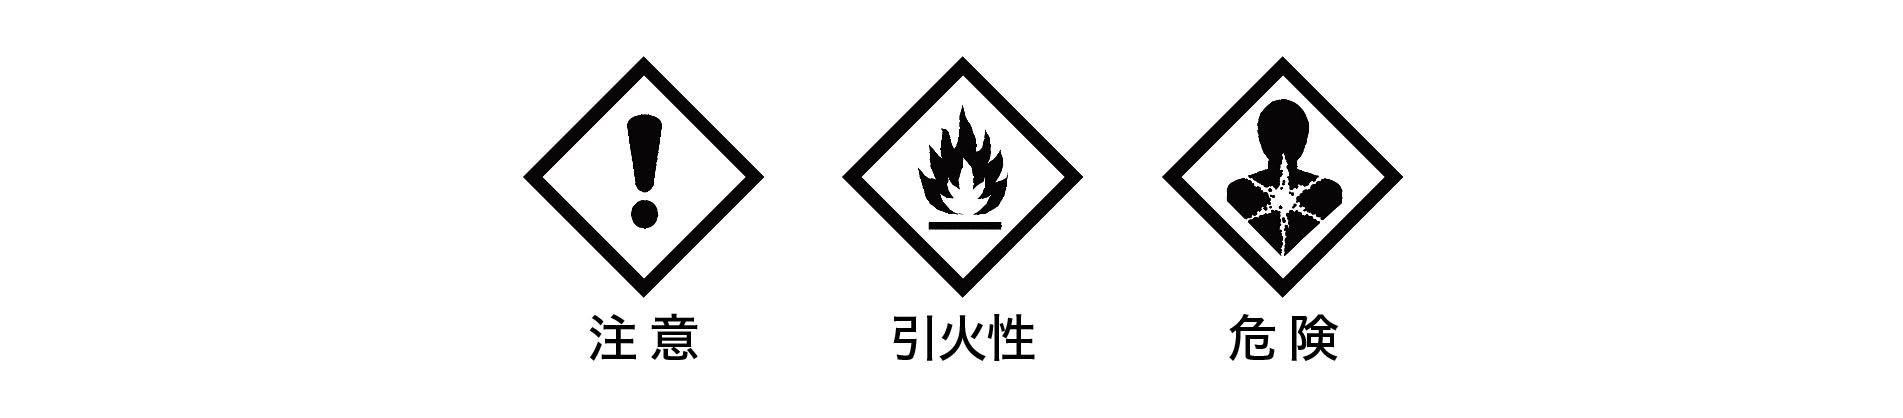 7月16日(Thu) EXUS LENS CLEANING SPRAY (エグザス レンズクリーニングスプレイ) 発売